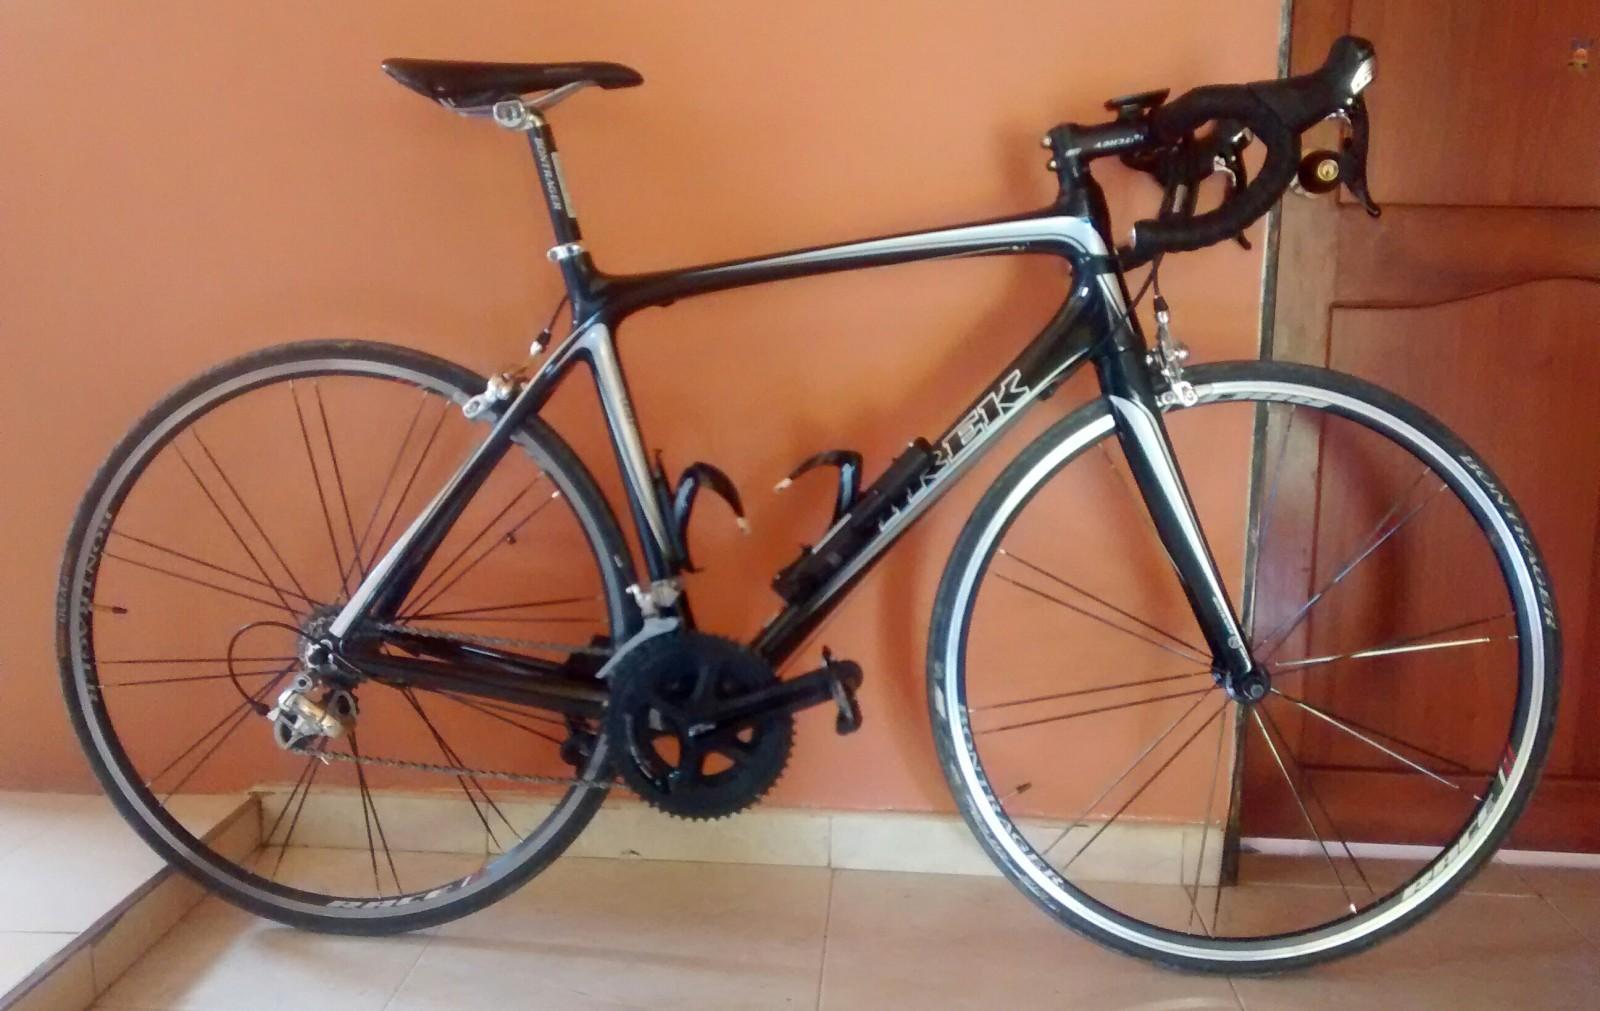 ¿Cómo es tu bicicleta deportiva y cómo la tienes configurada? 16lms90